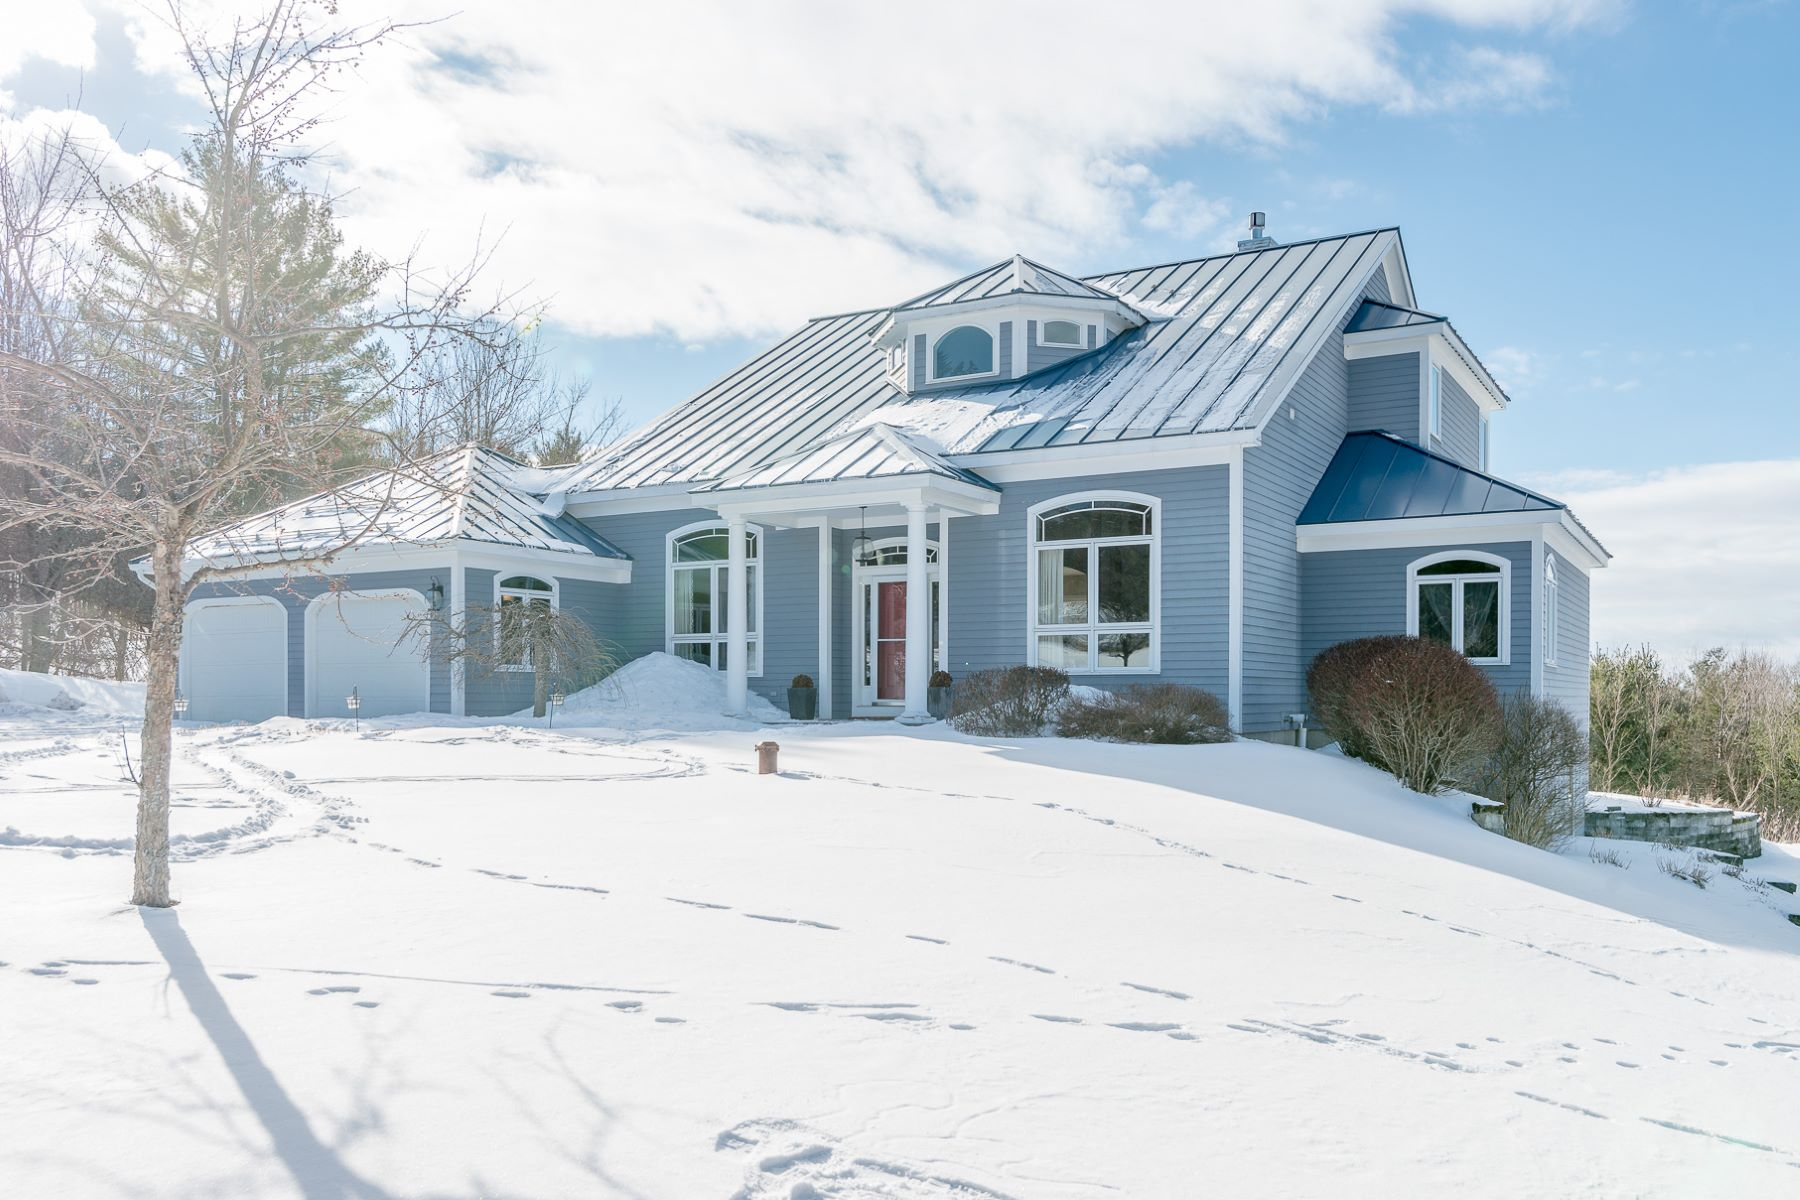 Maison unifamiliale pour l Vente à 4 Ladd, Hanover Hanover, New Hampshire, 03755 États-Unis